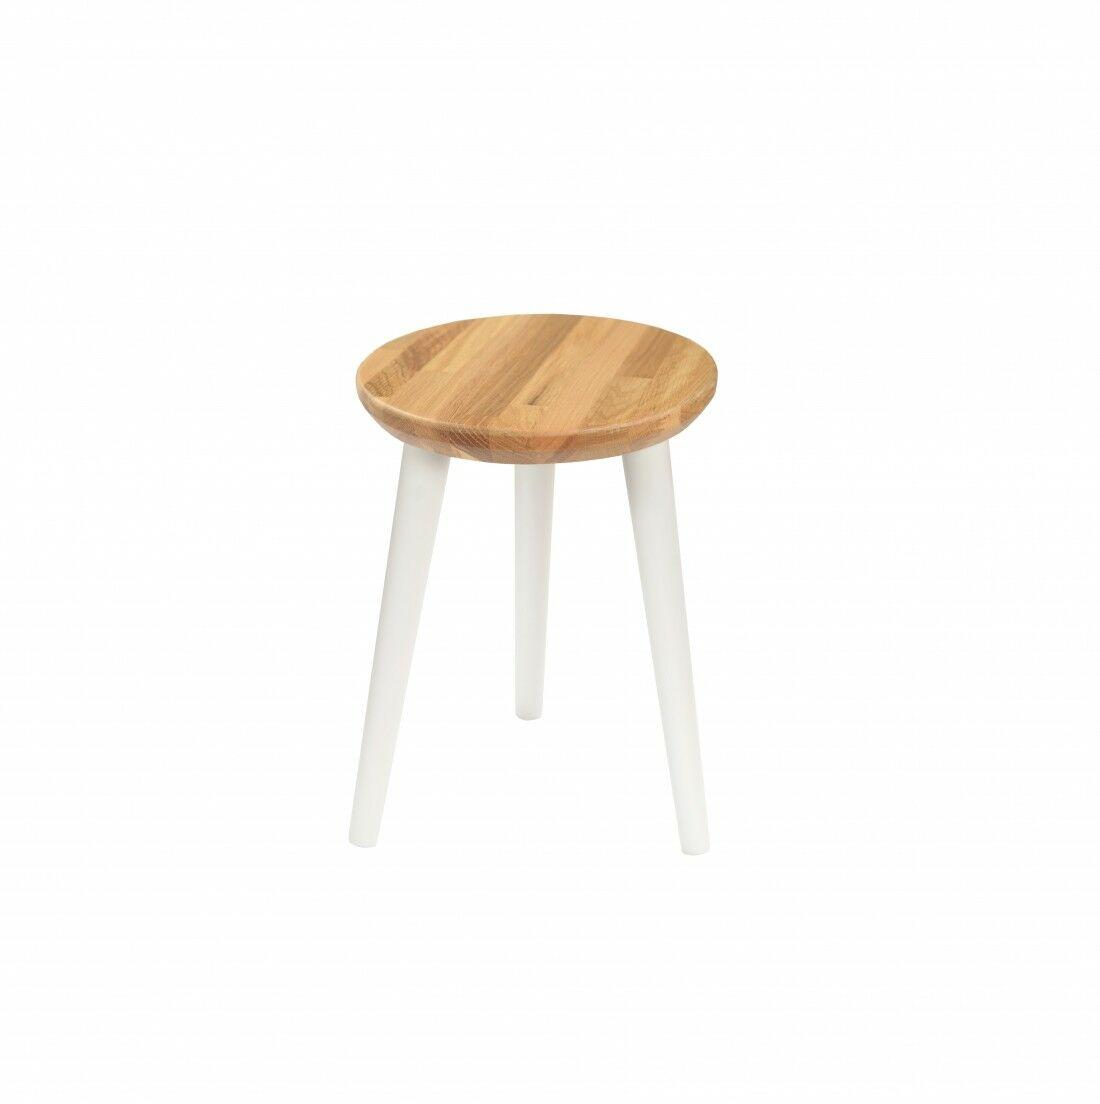 Taboret lub hocker okrągły z litego dębu Modern Oak, Wykończenie nogi - Biały, Wysokość - 410, Wymiar siedziska (Średnica) - 300